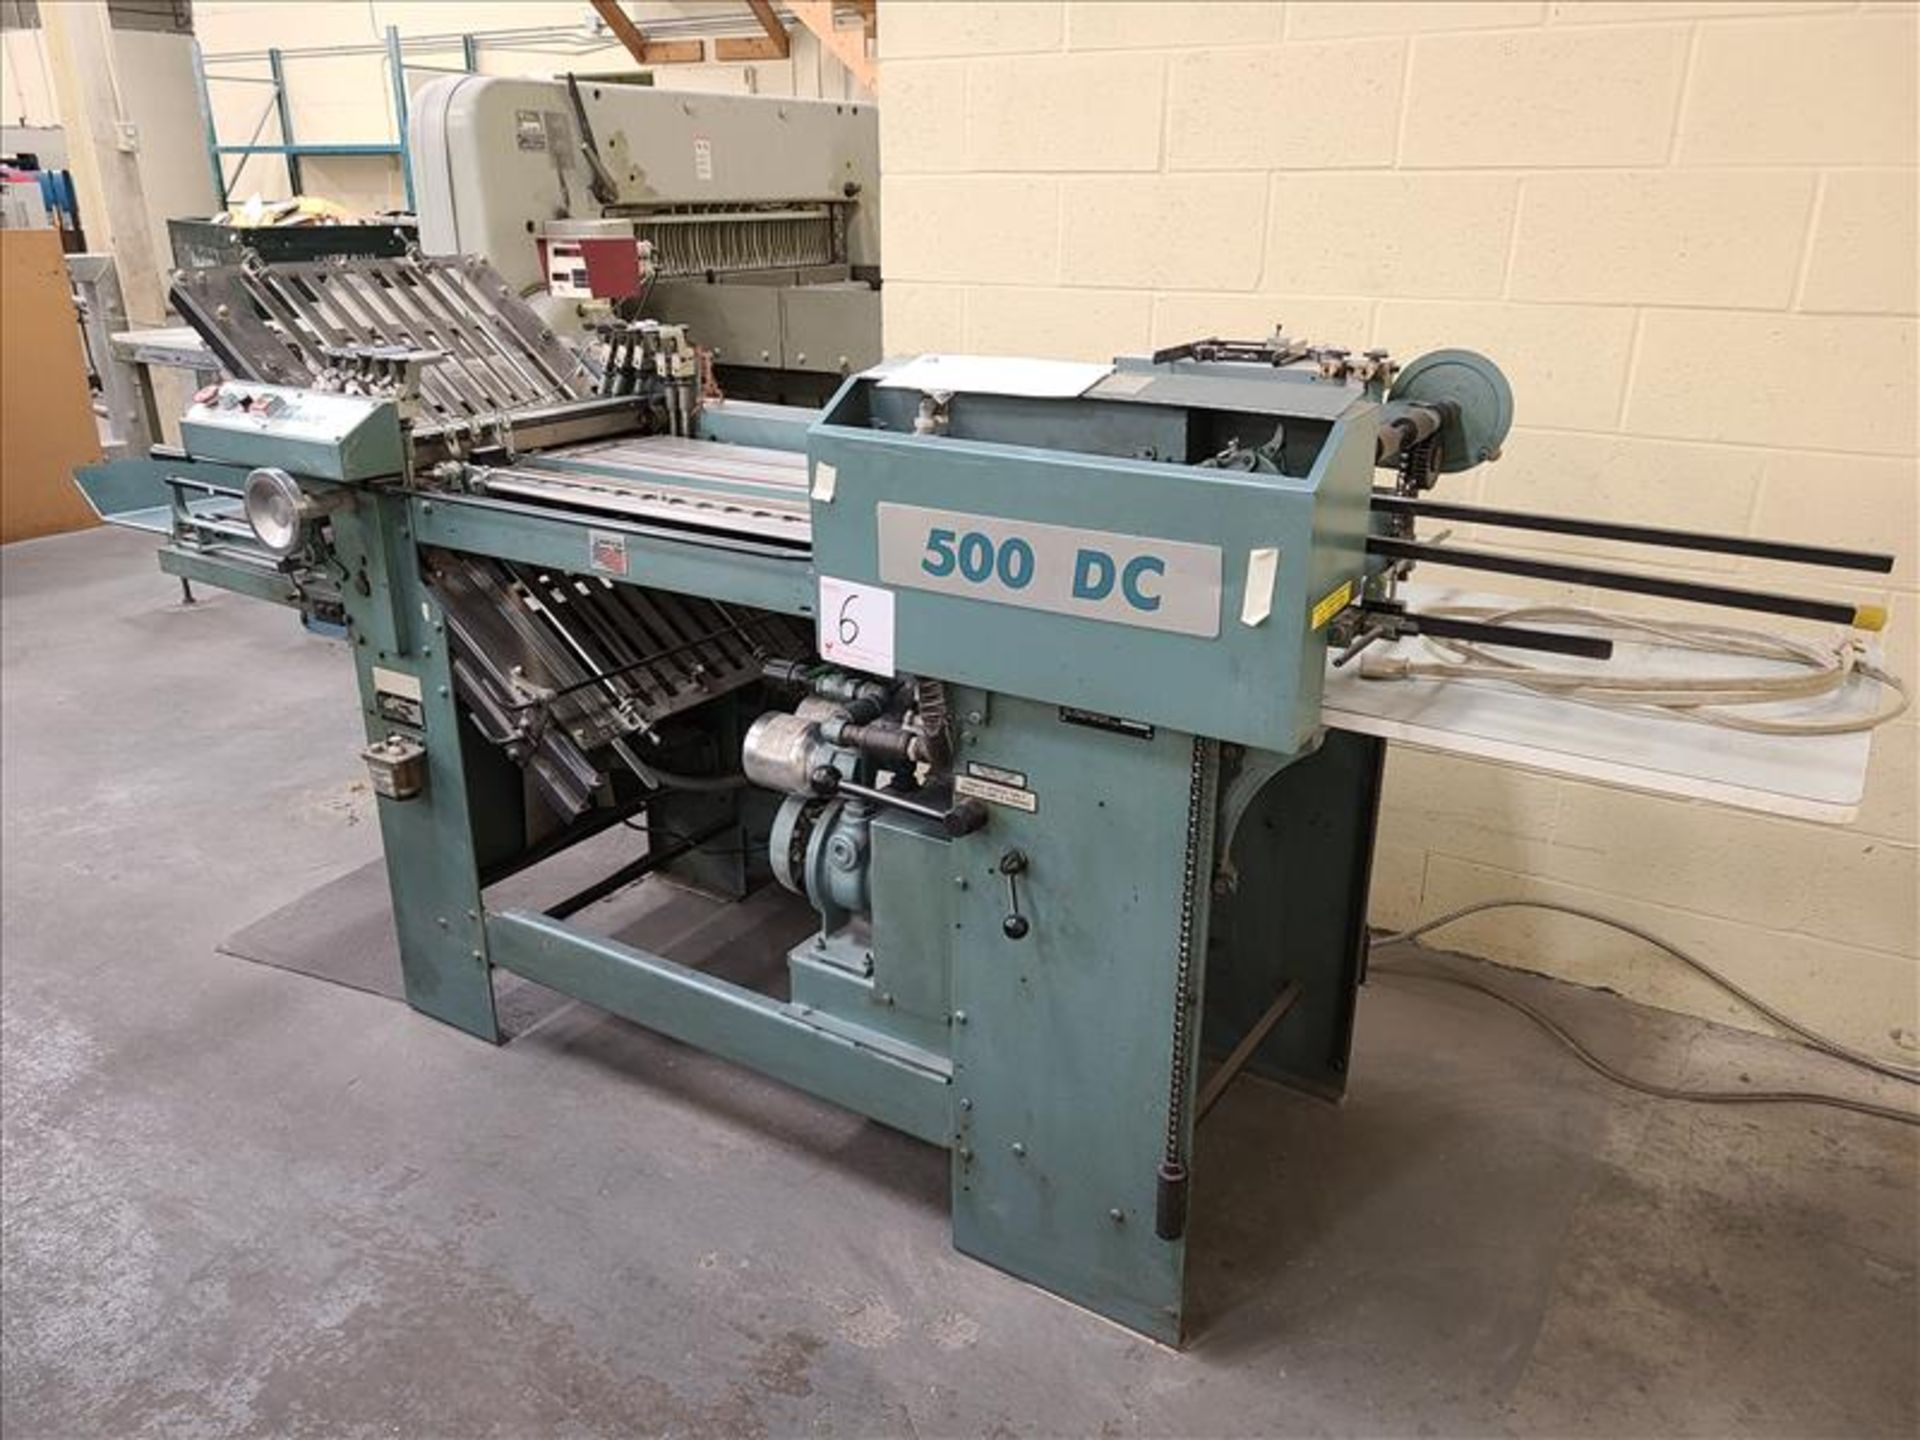 Baumfolder Pile Feeder, series 520 B, model 48994-001, S/N. CA2-078 208-230V, 3 Phase, 14 amps c/w